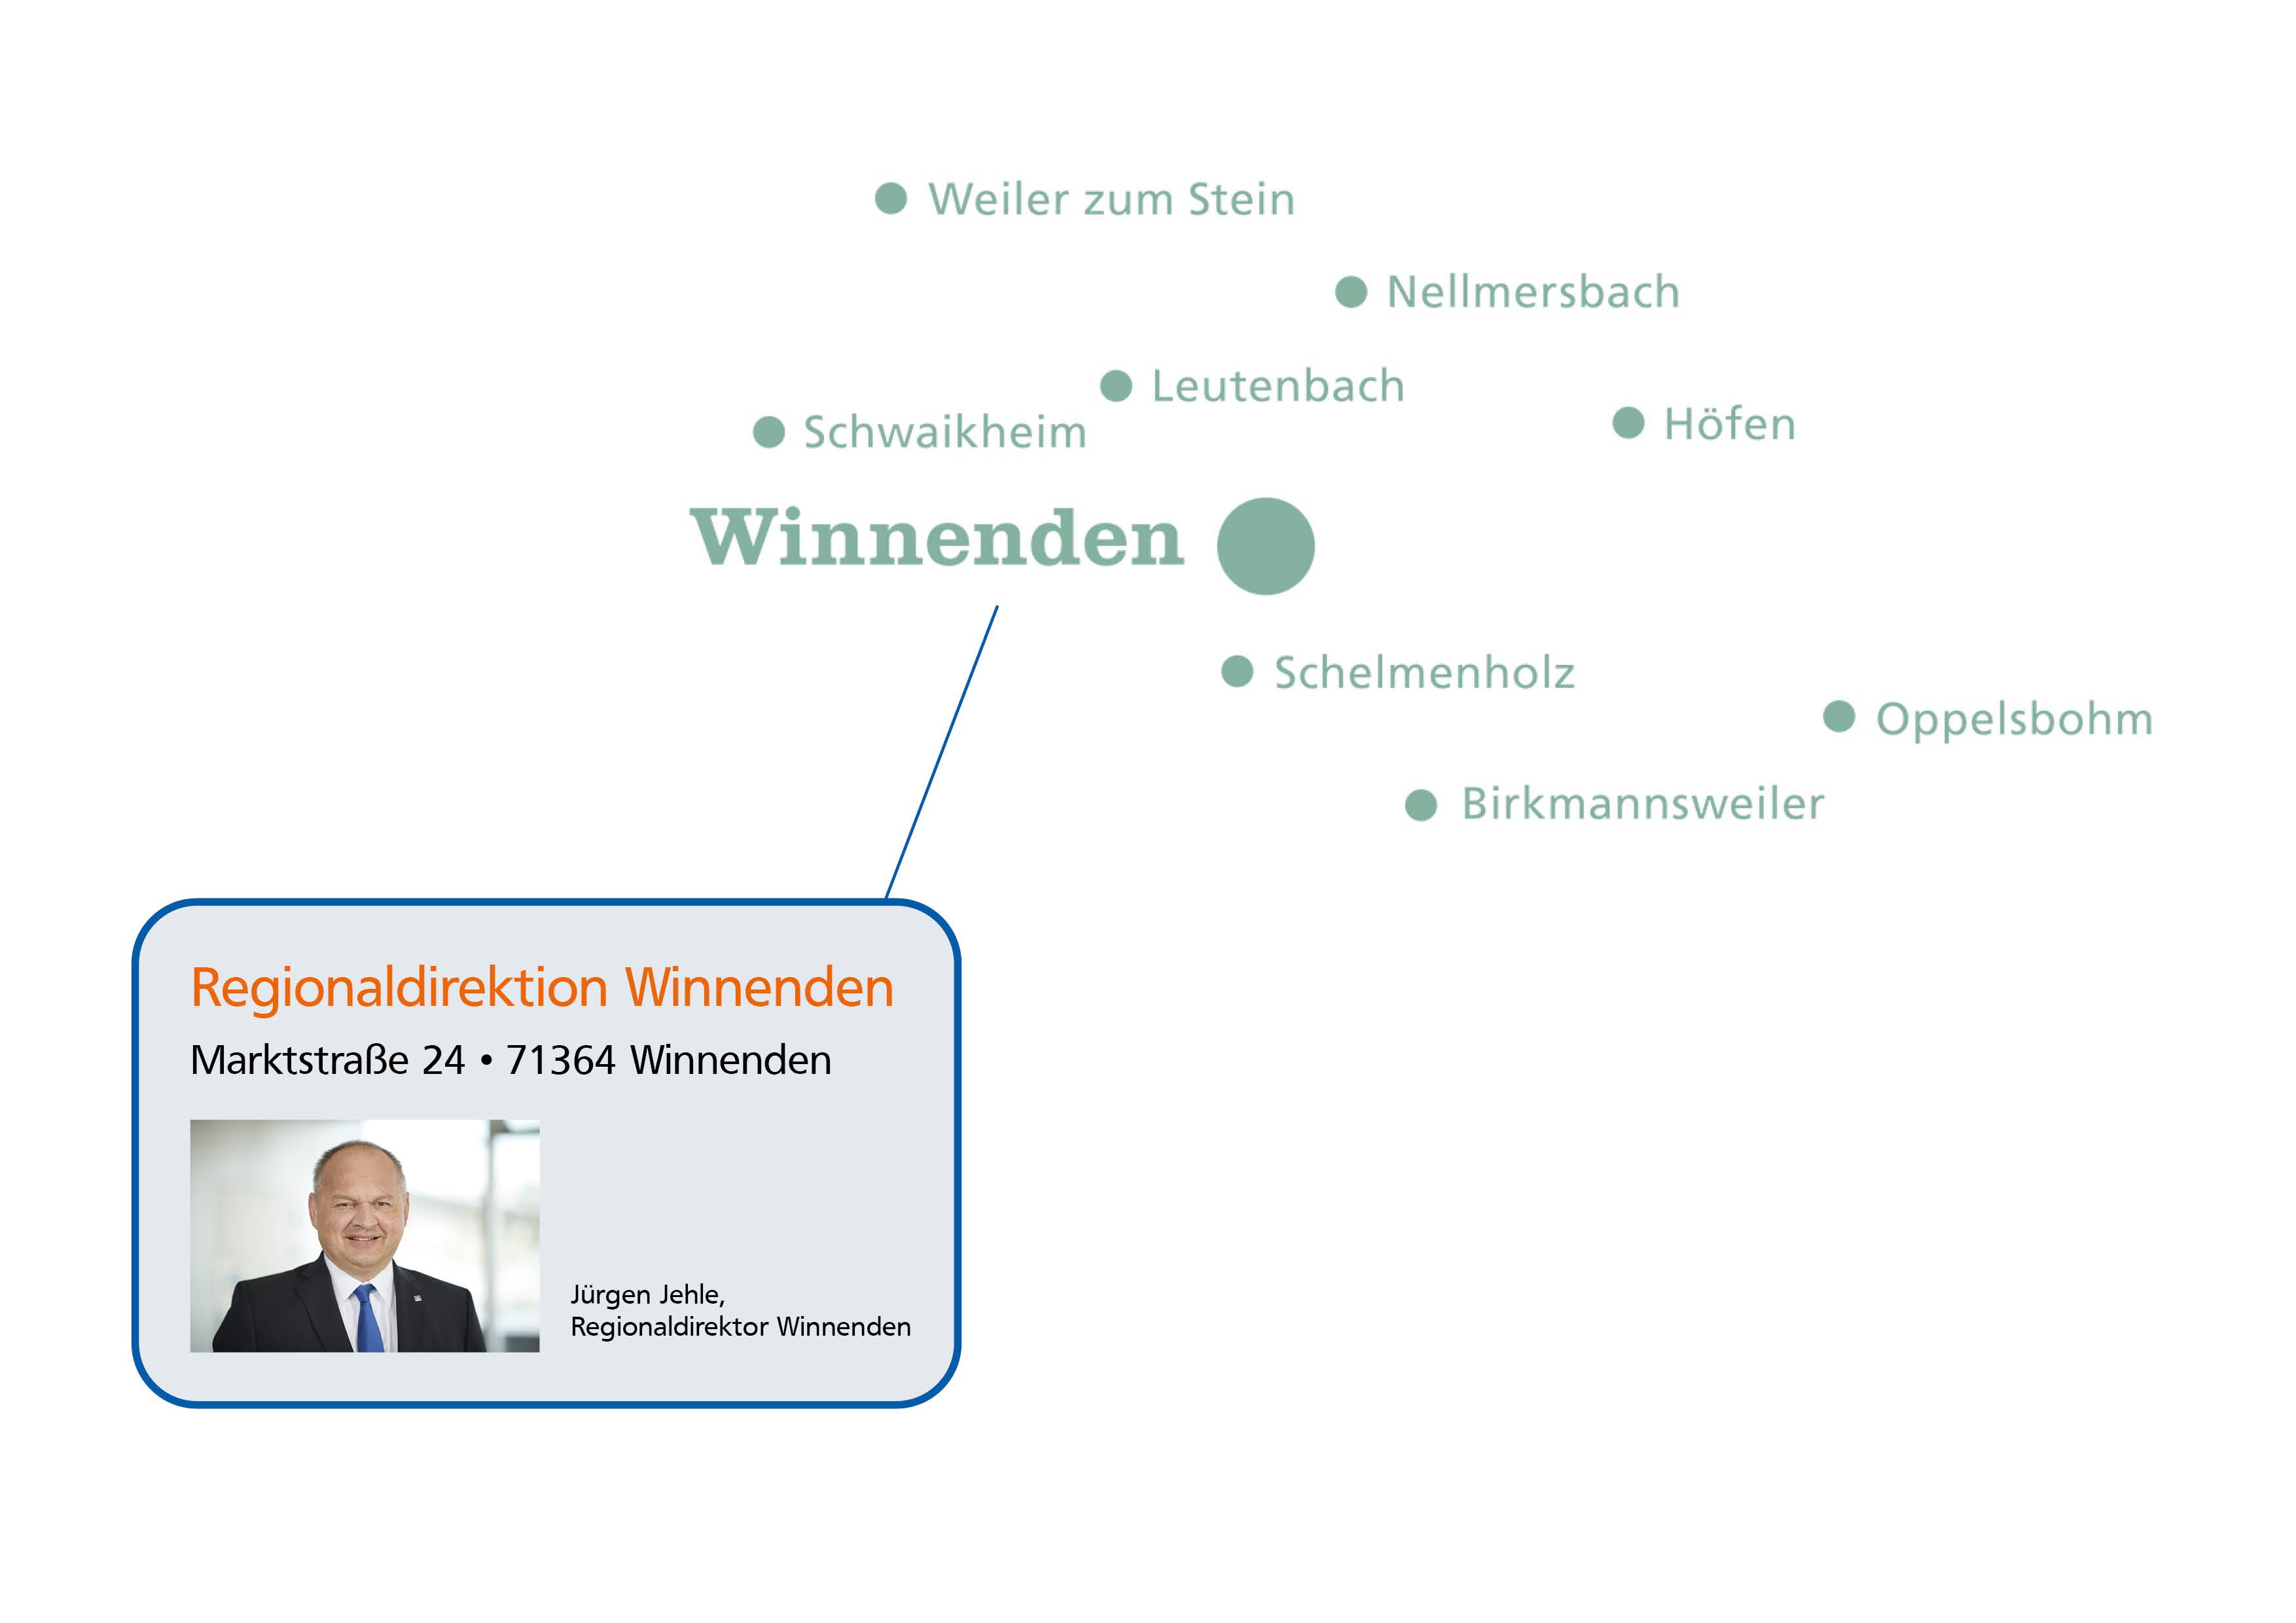 Regionaldirektion Winnenden